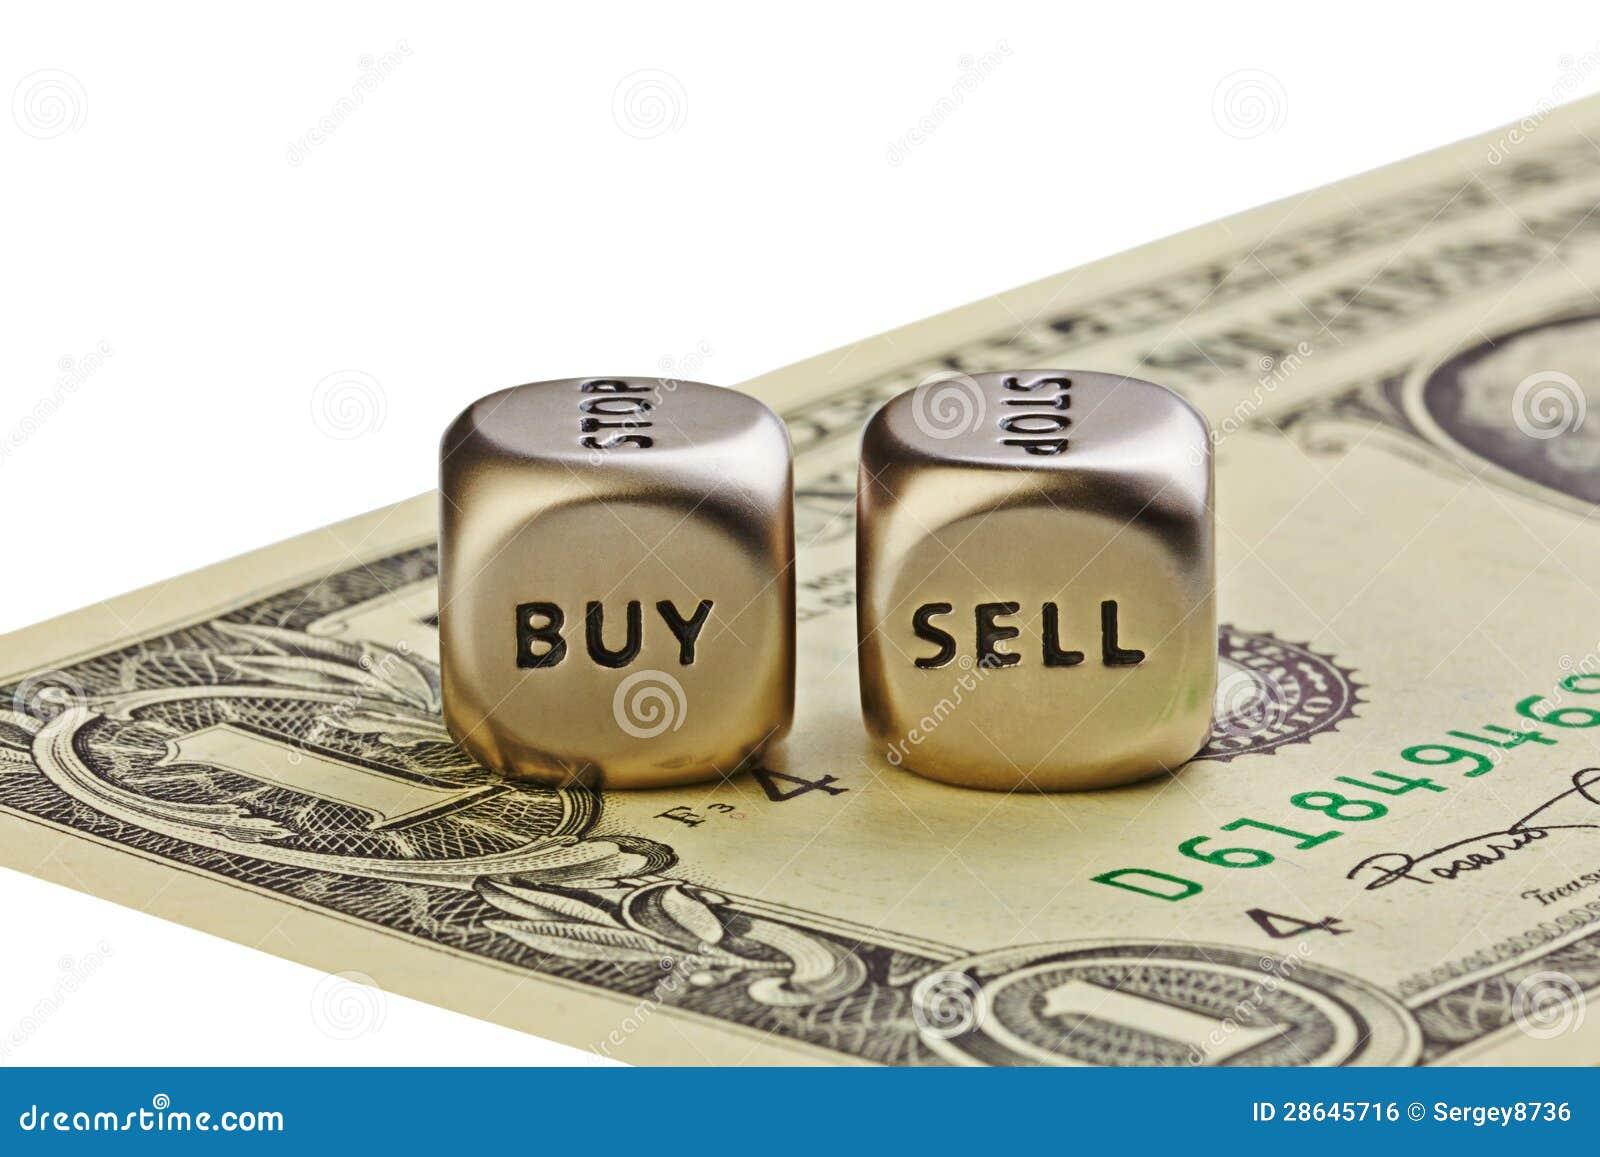 Två belägger med metall tärnar med uttrycker köp och Sell på en-dollar räkningisola